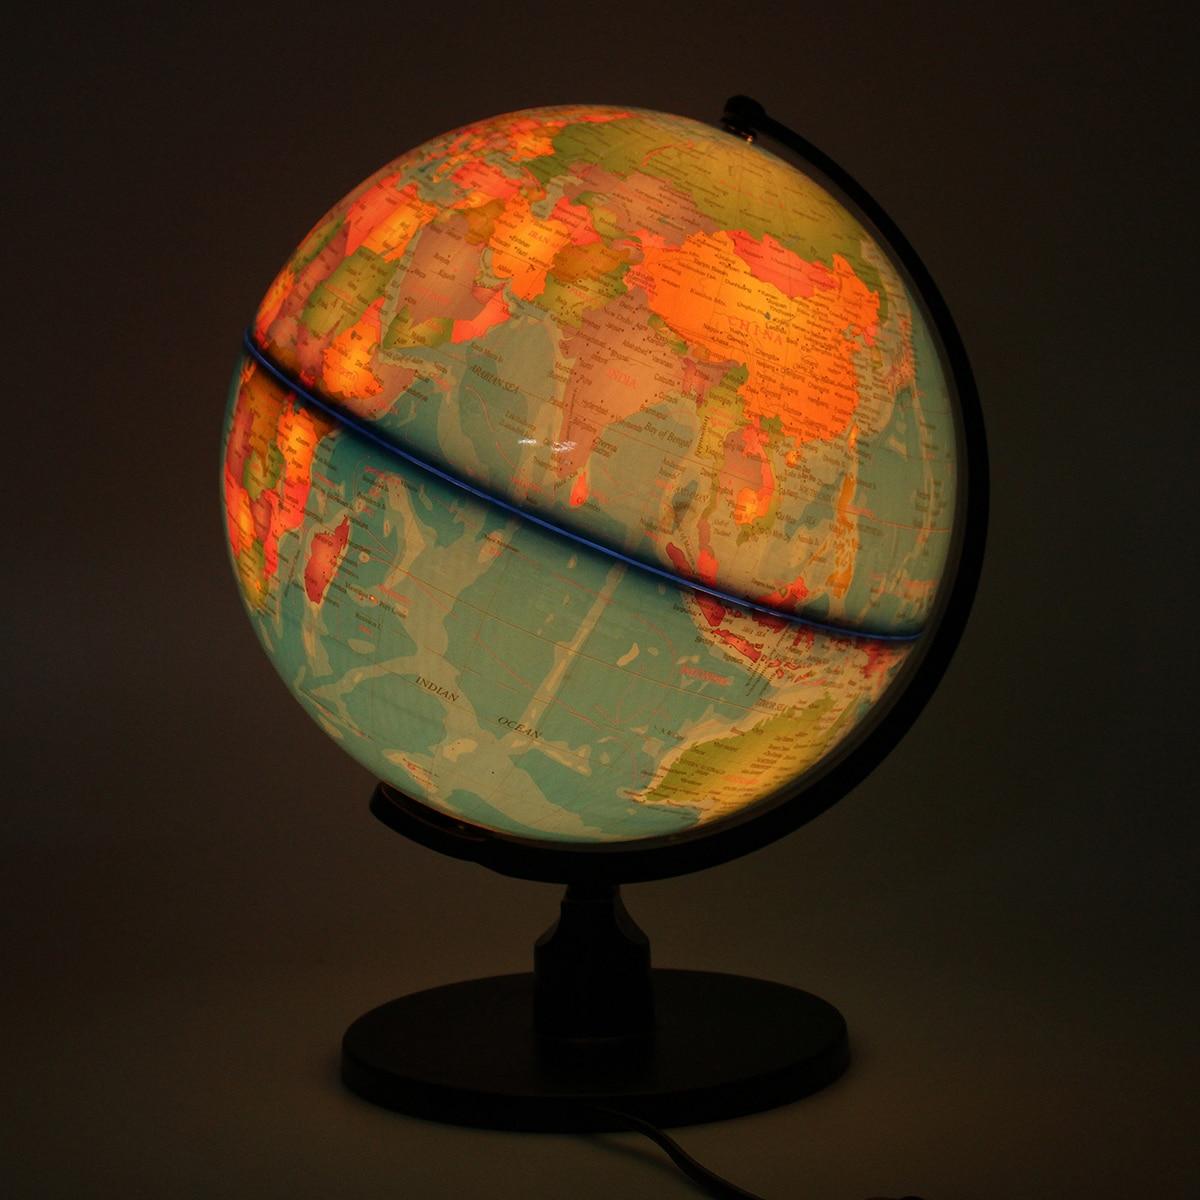 Globo terrestre, mapa del mundo, luz LED, juguete educativo de geografía con soporte, decoración del hogar, adorno de oficina, regalo para niños